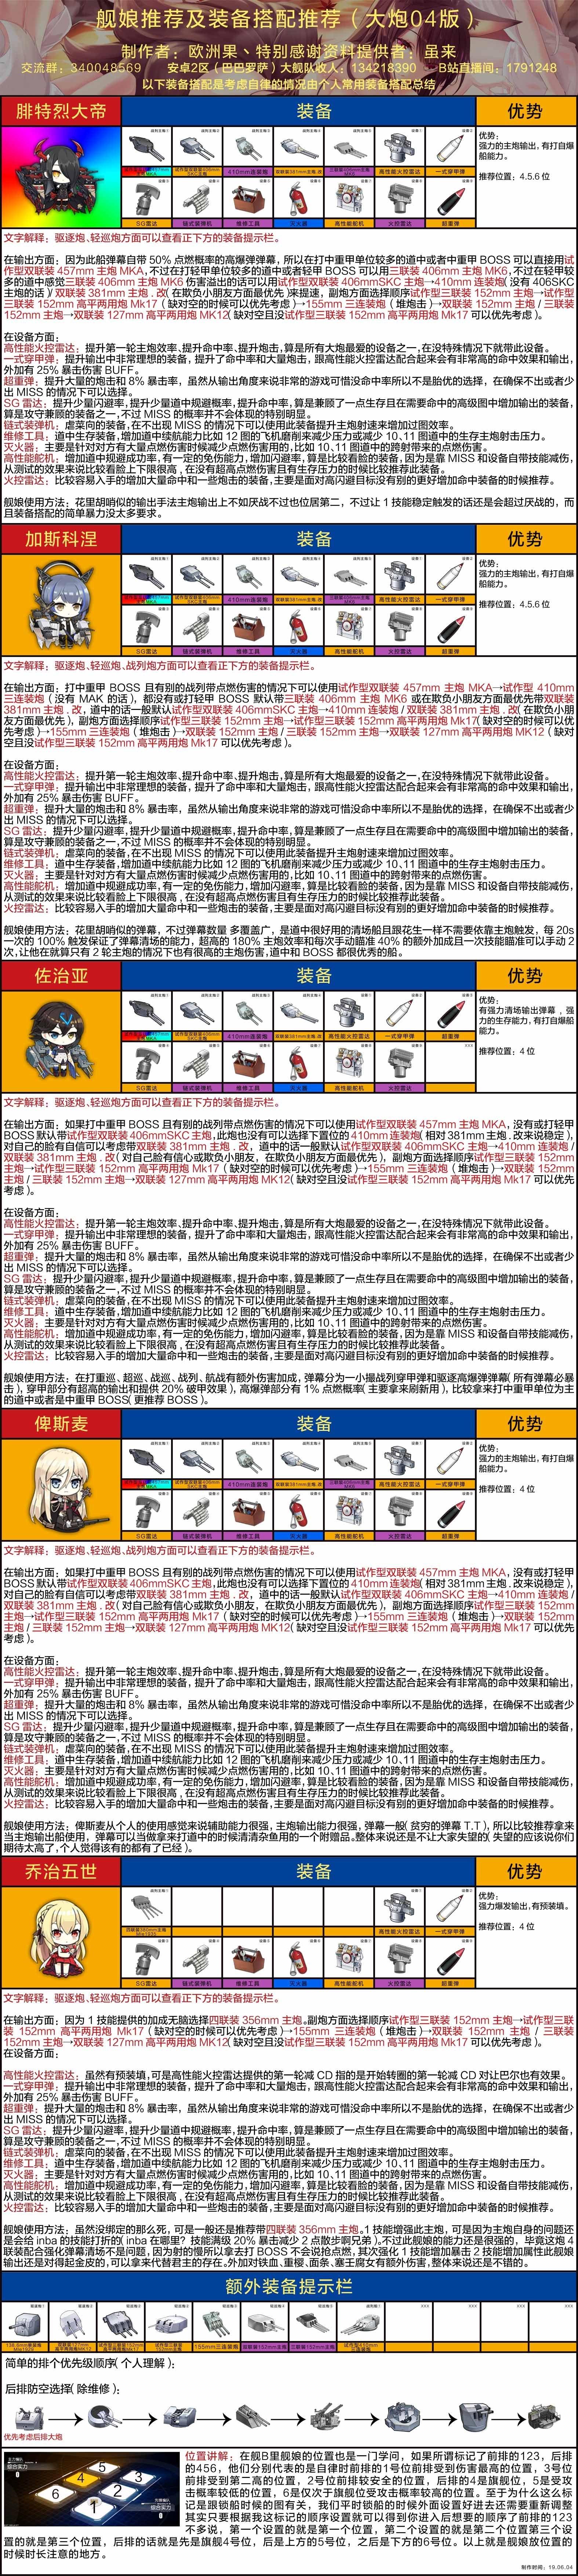 大炮04版wiki.jpg